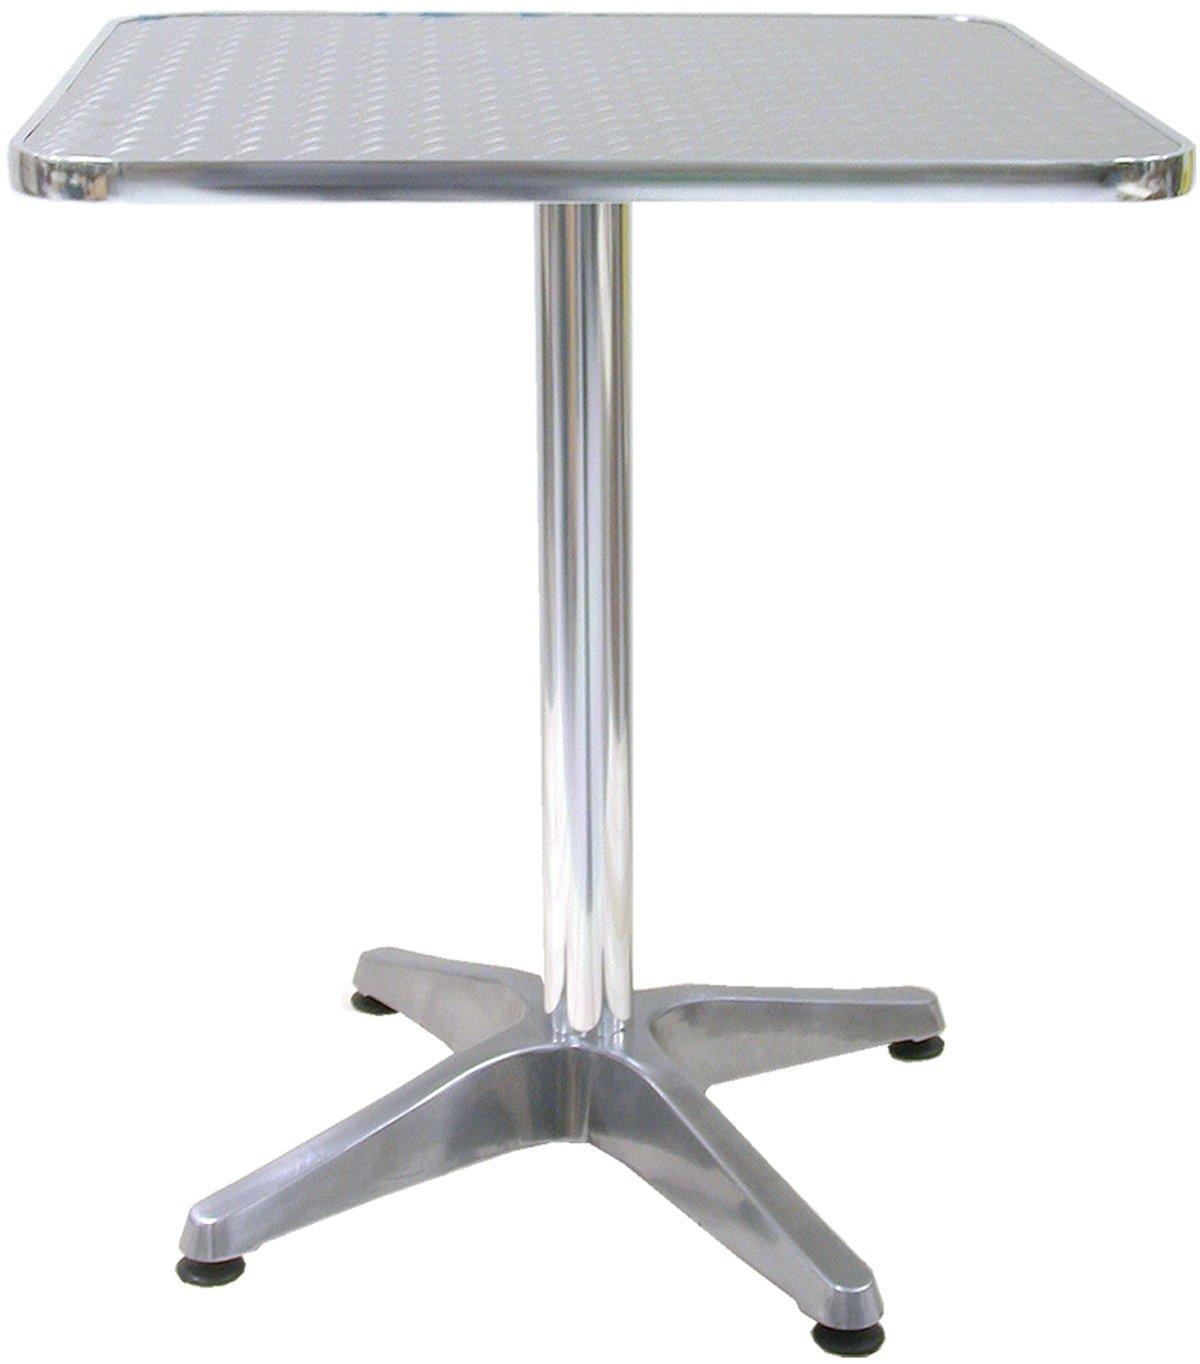 Tavolo Bar Bistrot in Alluminio 60x60 per Interno e Esterno ...